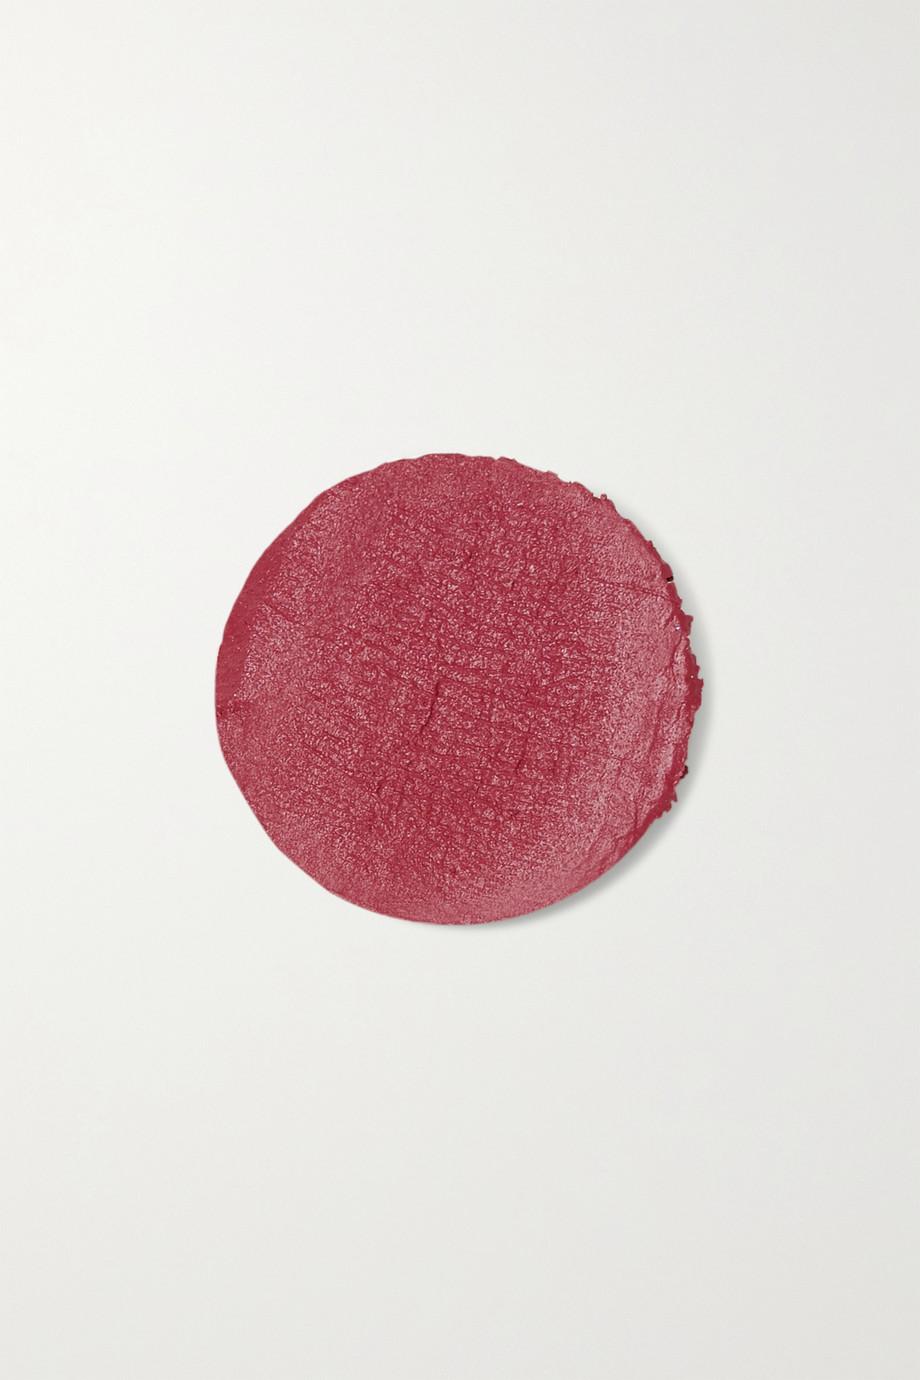 Ilia Color Block Lipstick - Rosette